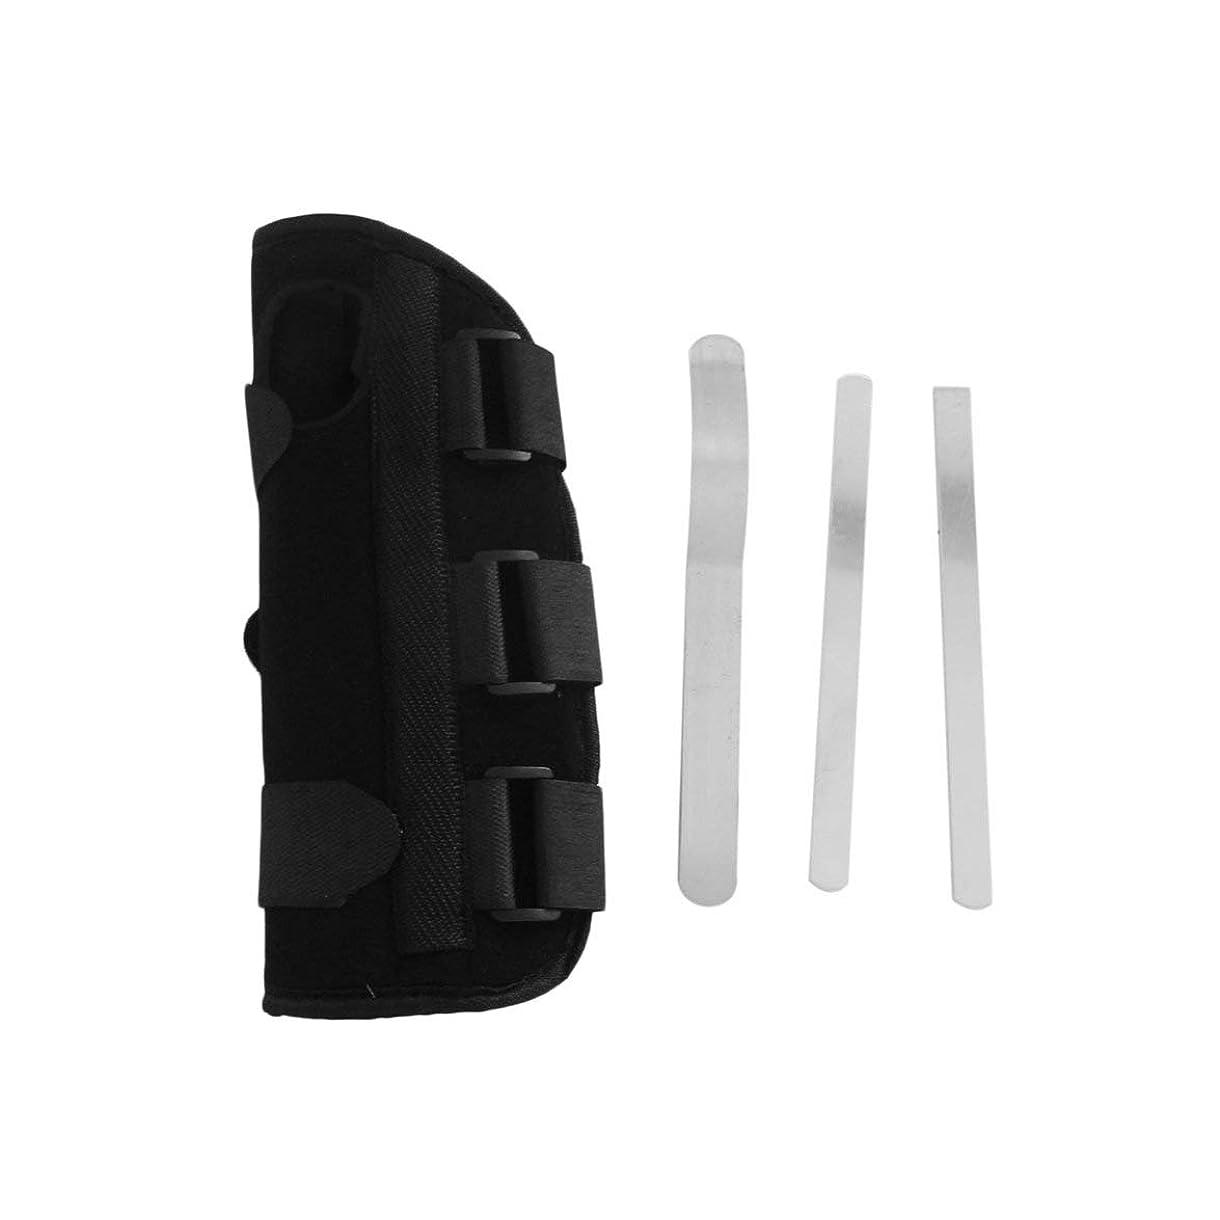 丘頂点提案するintercorey保護具手首副木ブレース保護サポートストラップカルペルトンネルCTS RSI痛み軽減リムーバブル副木快適な軽量ストラップ